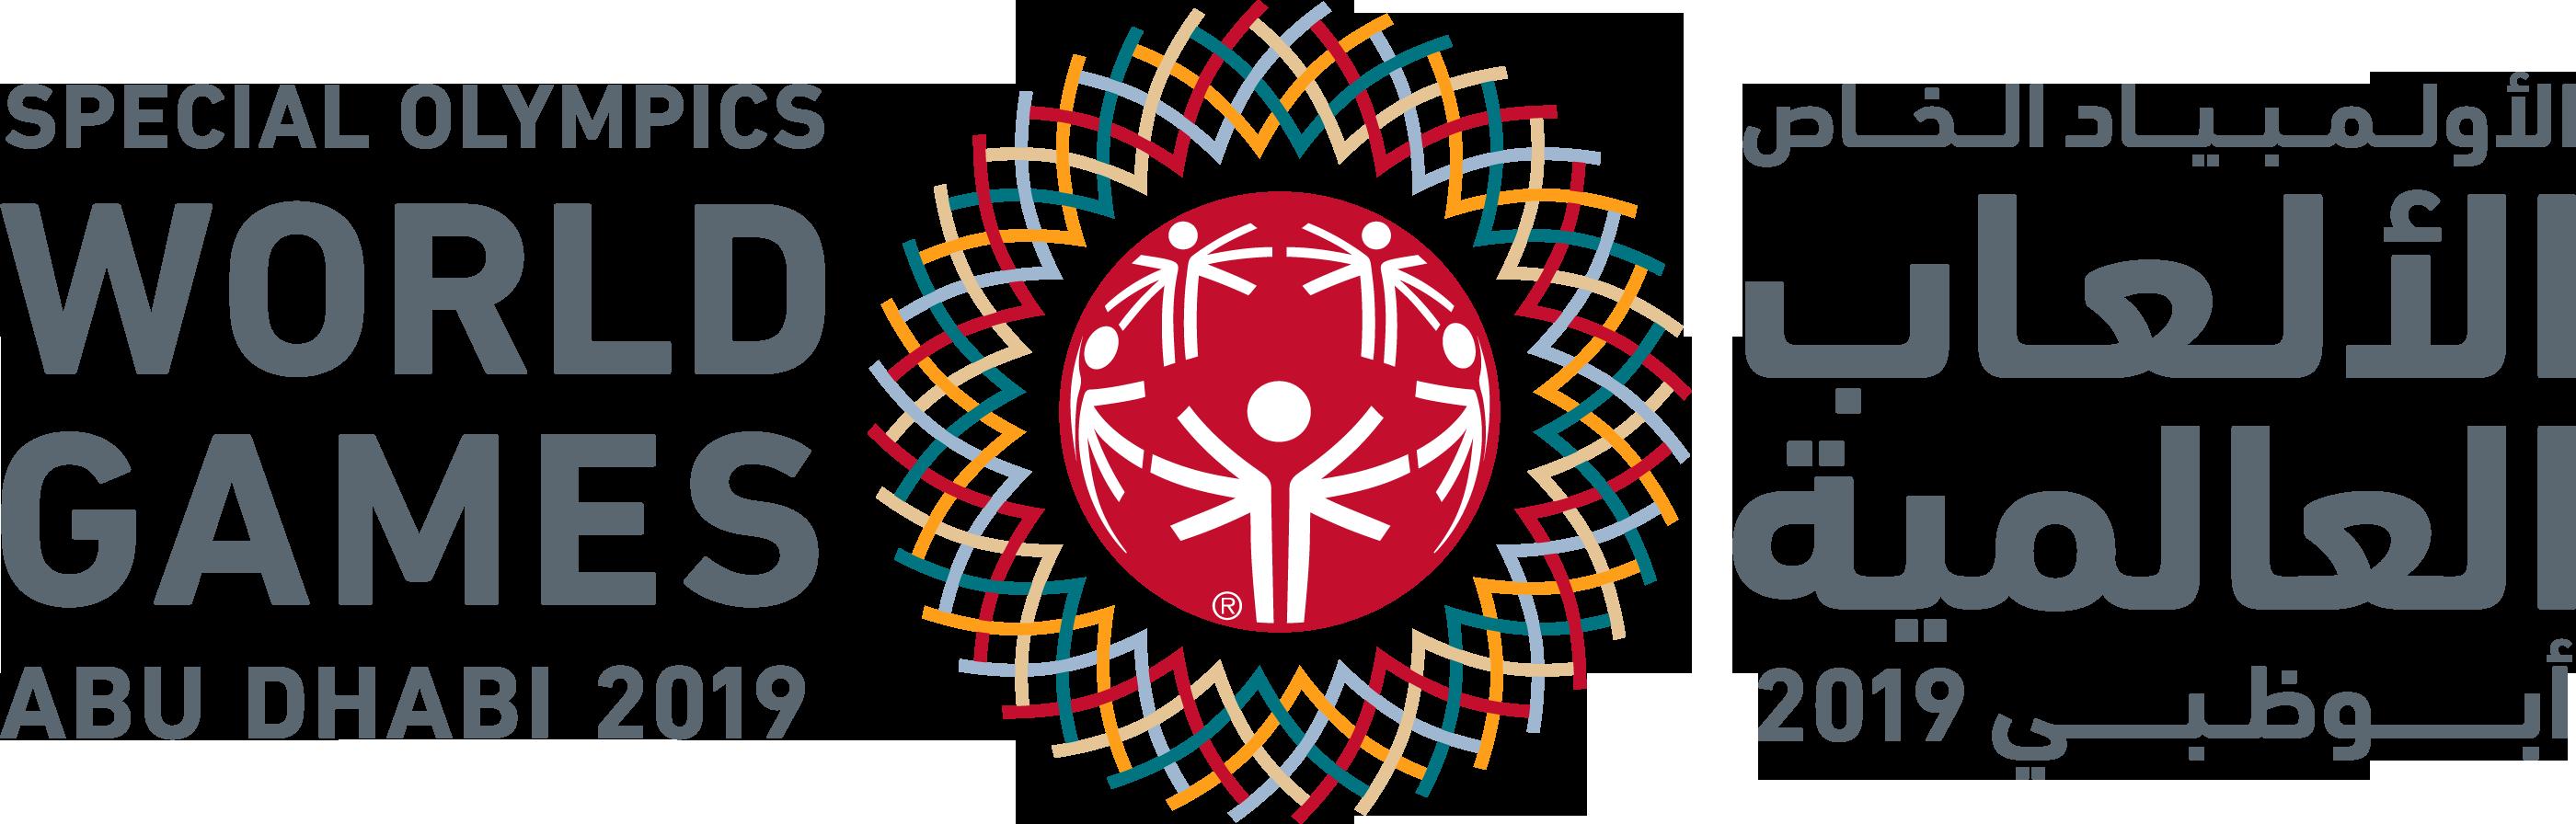 Abu Dhabi 2019 Logo